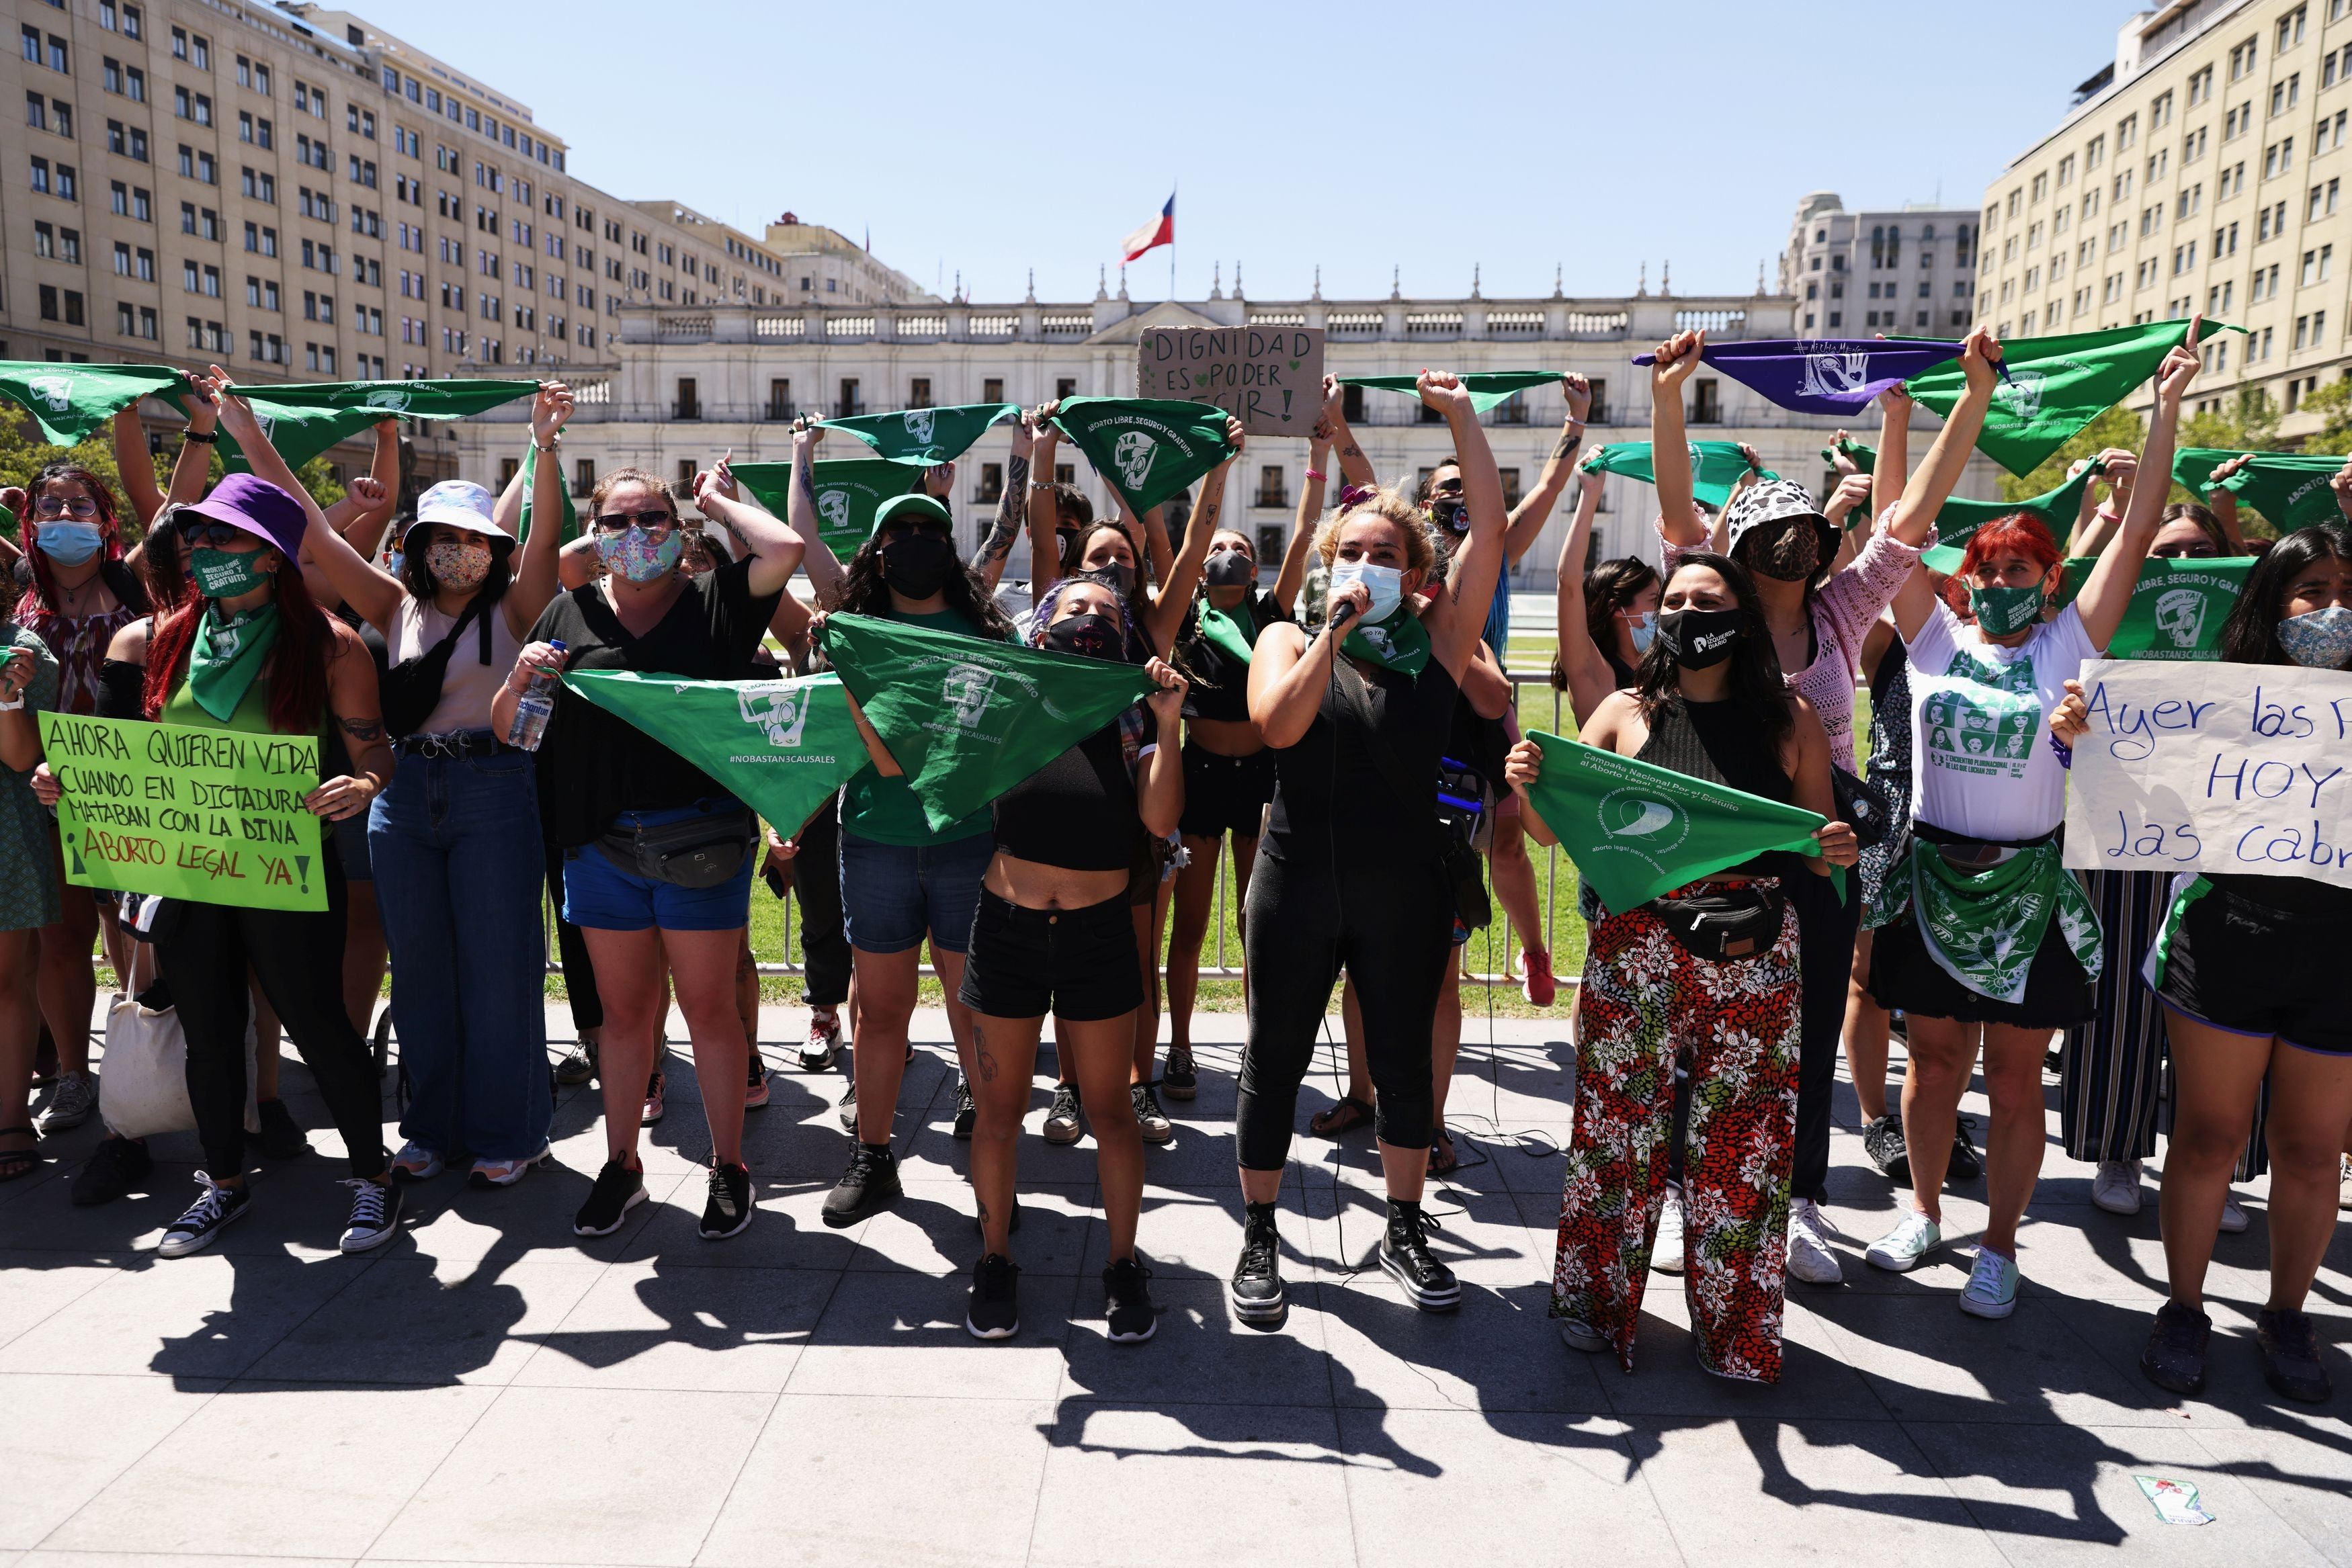 Activistas pro-aborto gritan consignas  mientras la cámara de diputados discute un proyecto de ley que despenaliza el aborto hasta la semana 14 de gestación, en Santiago de Chile